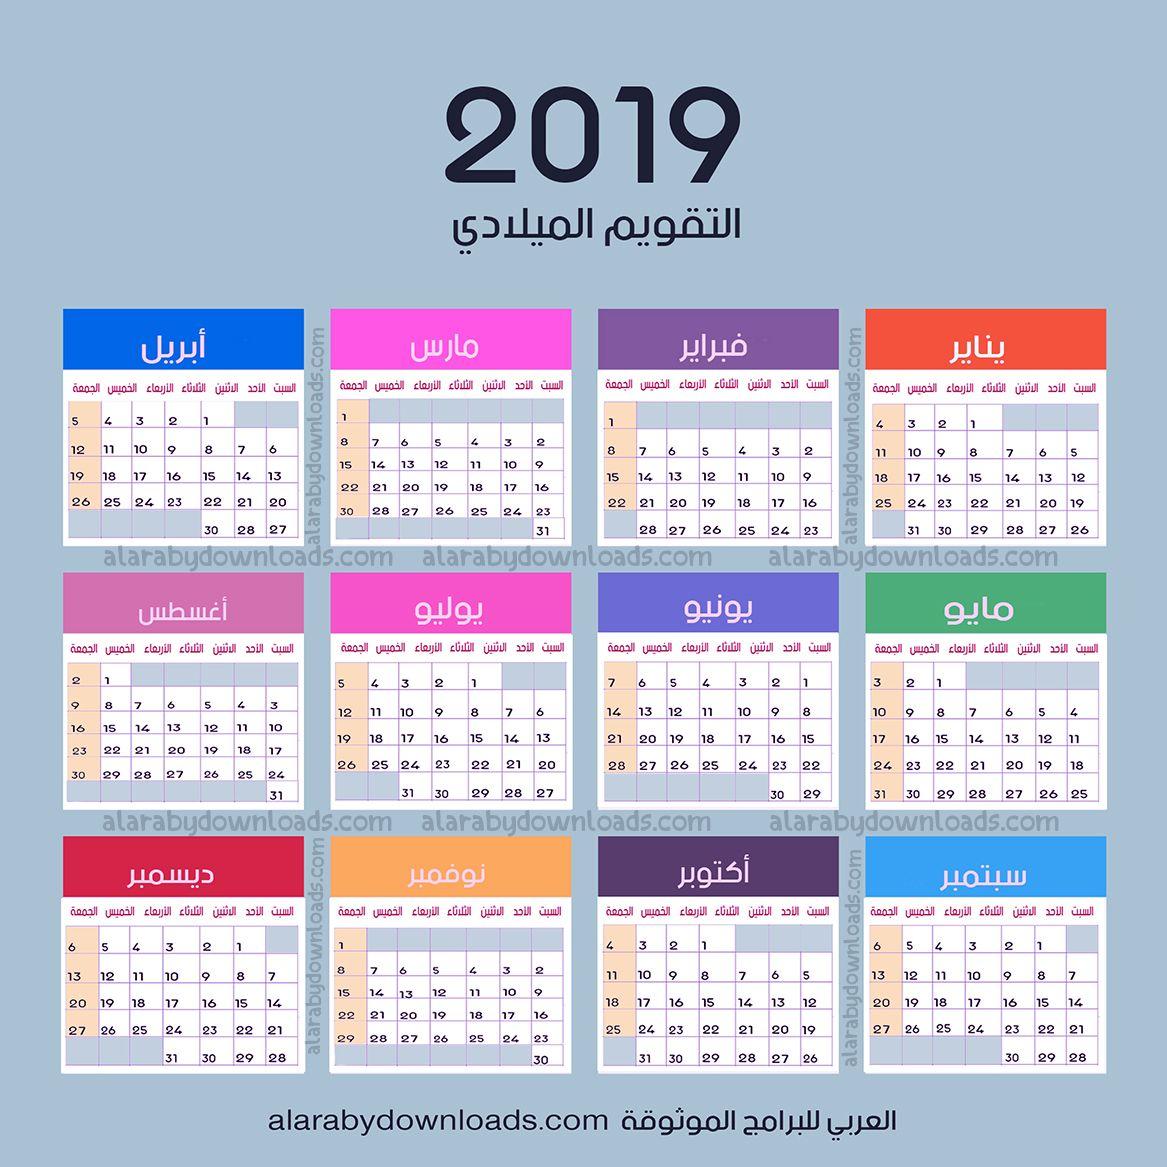 تحميل التقويم الميلادي 2019 Pdf وصور تقويم الاشهر الميلادية كم التاريخ الميلادي اليوم Calendar 2019 Calendar Calendar Pdf